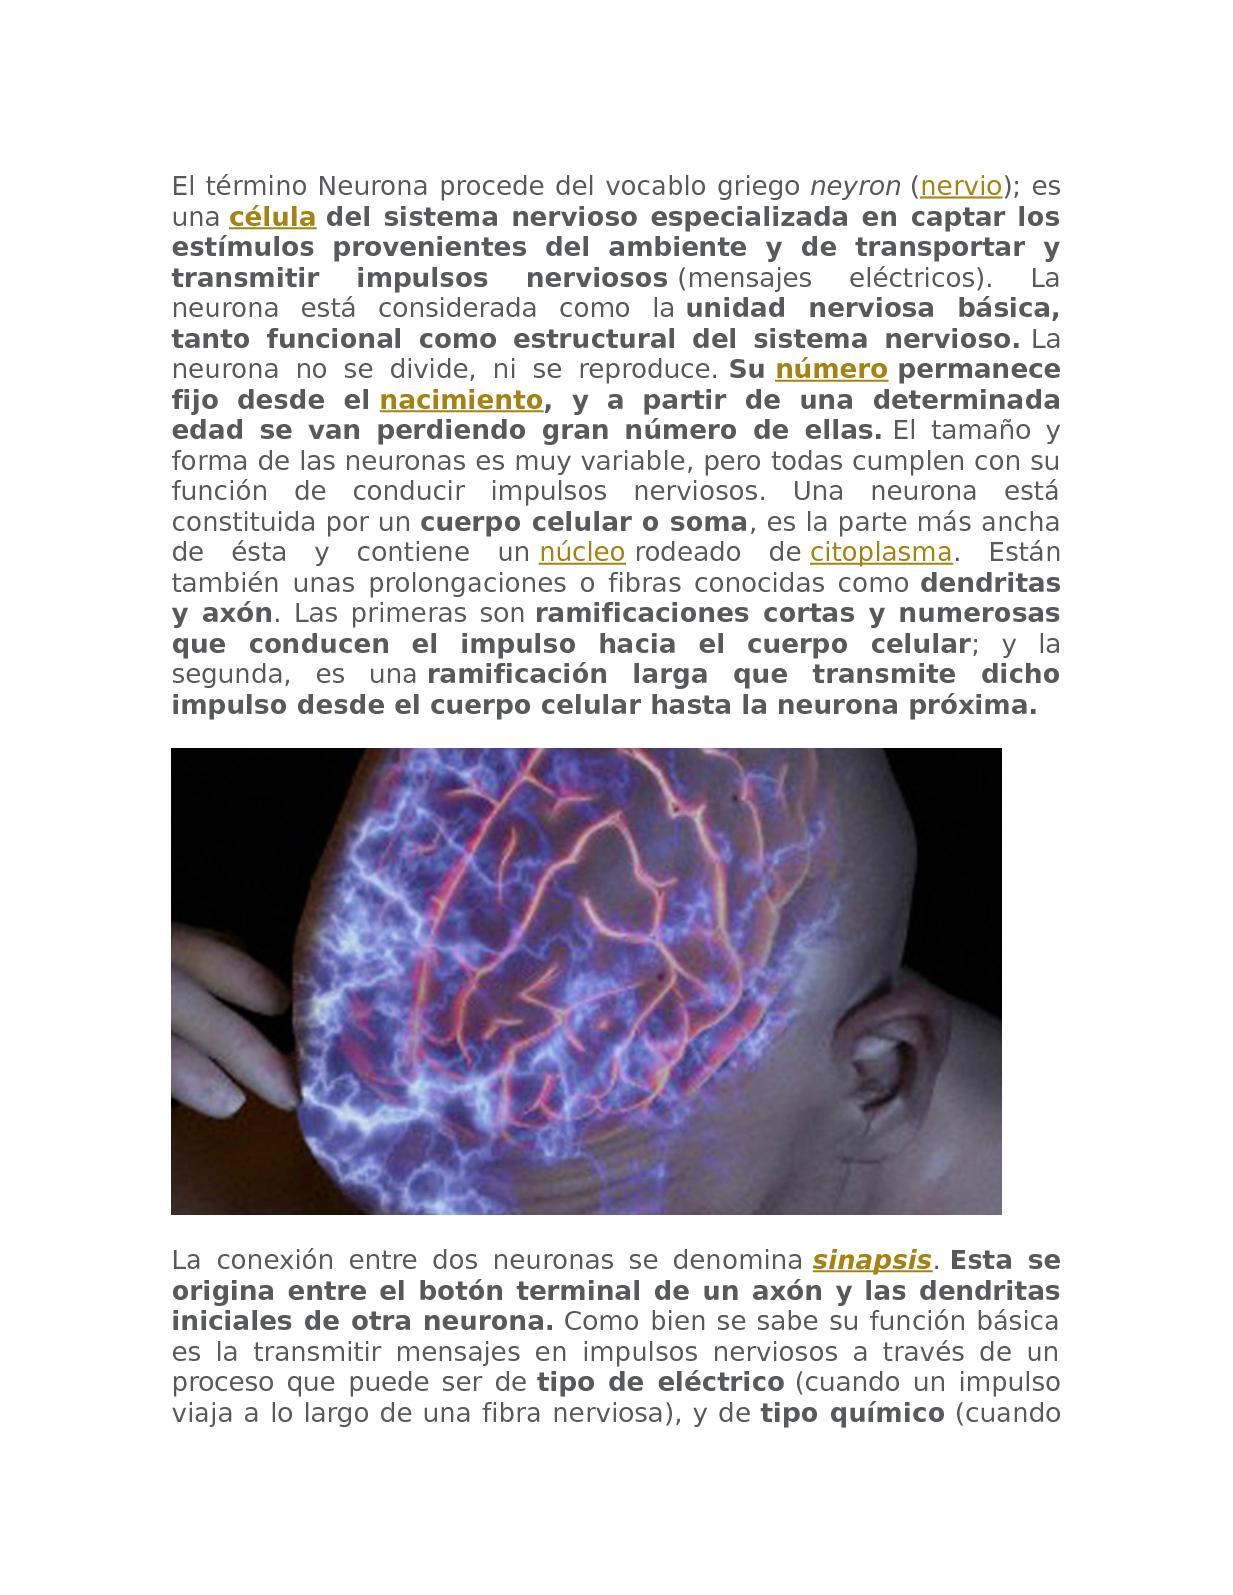 Que es un impulso nervioso y como se transmite